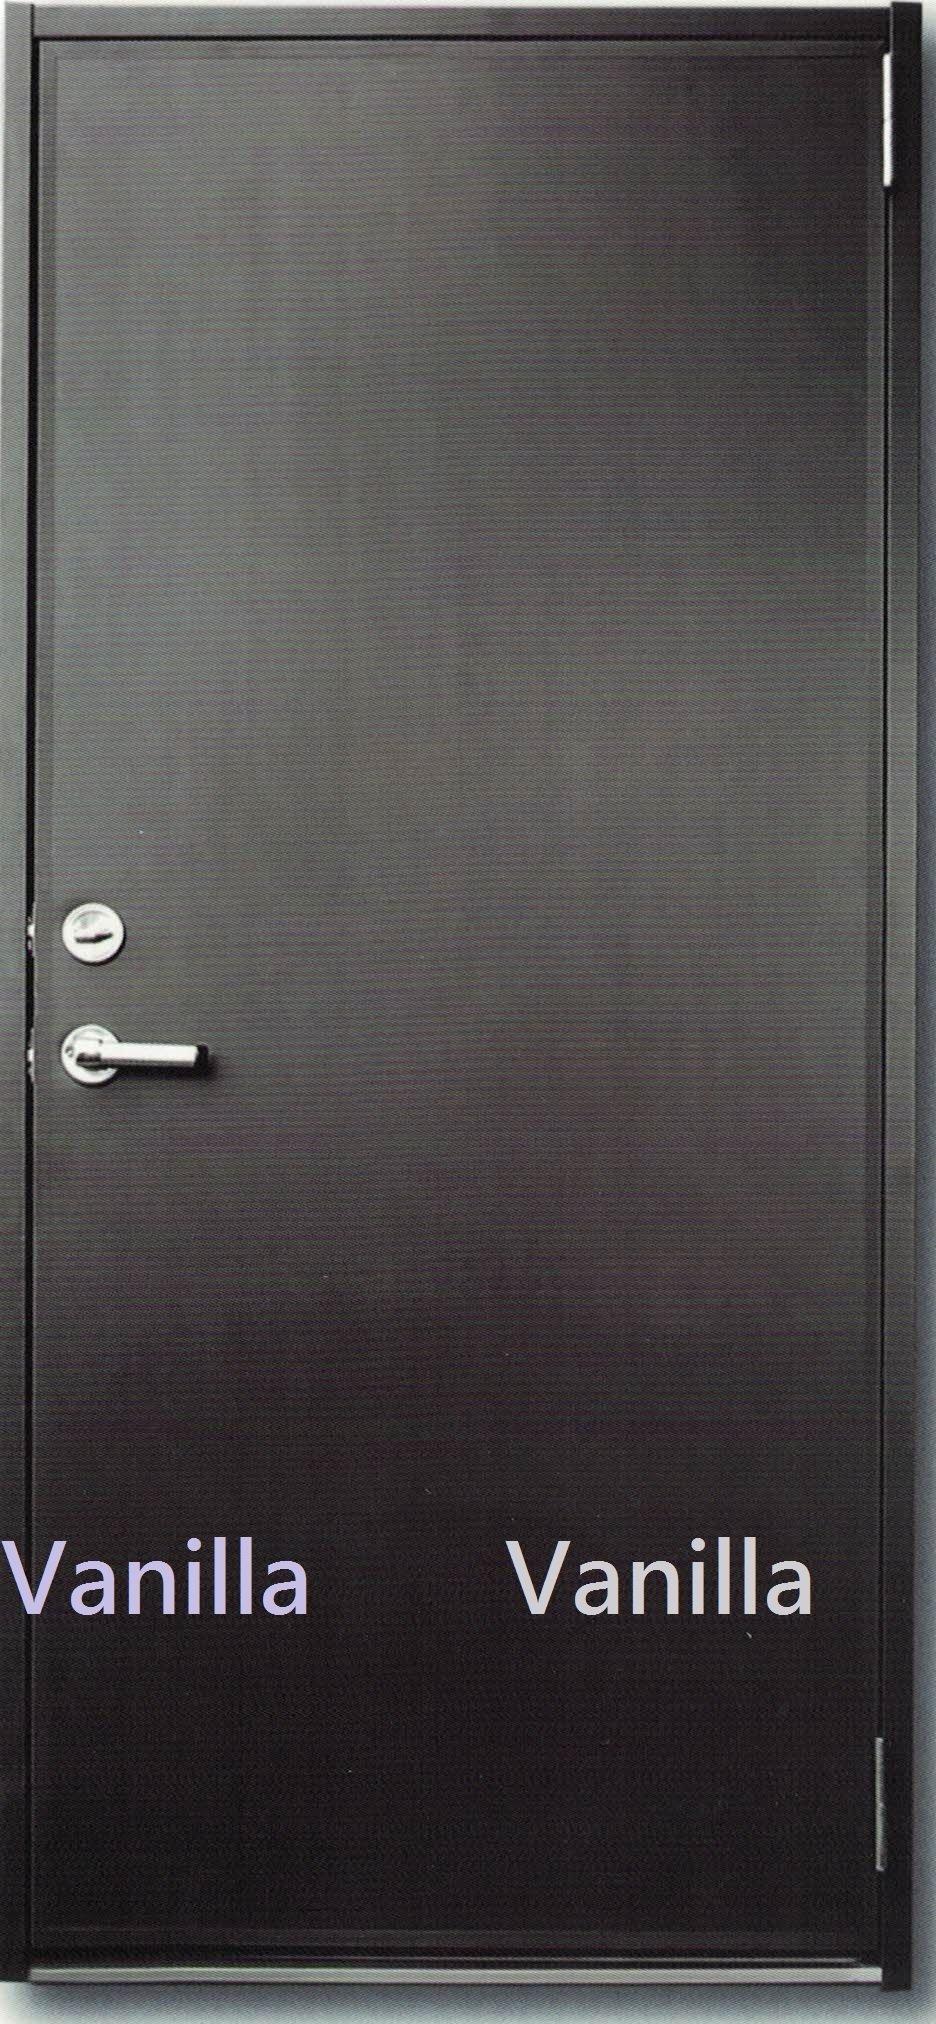 硫化銅門 套房門便宜賣,另有(鐵門.鍛造門.房間門.白鐵門.三合一.塑鋼門.鋁門窗.氣密窗.鋼木門.木門.房間門)